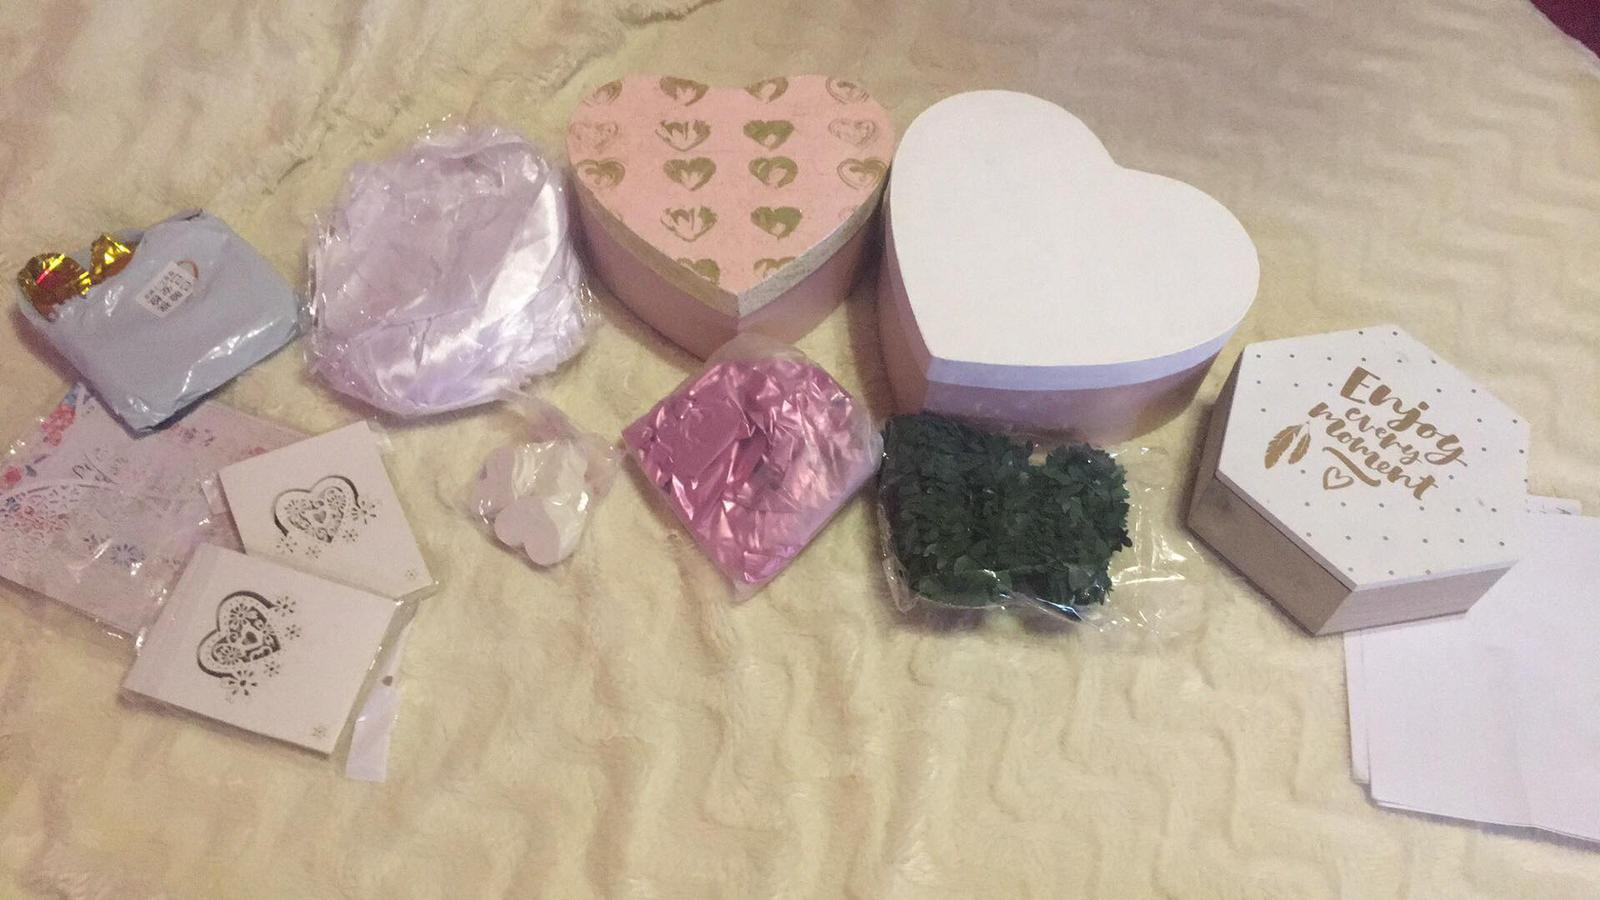 Bride to be :) - Krabičky sú moja srdcovka ♥ menovky  a veľa mašlí z aliexpresu :)